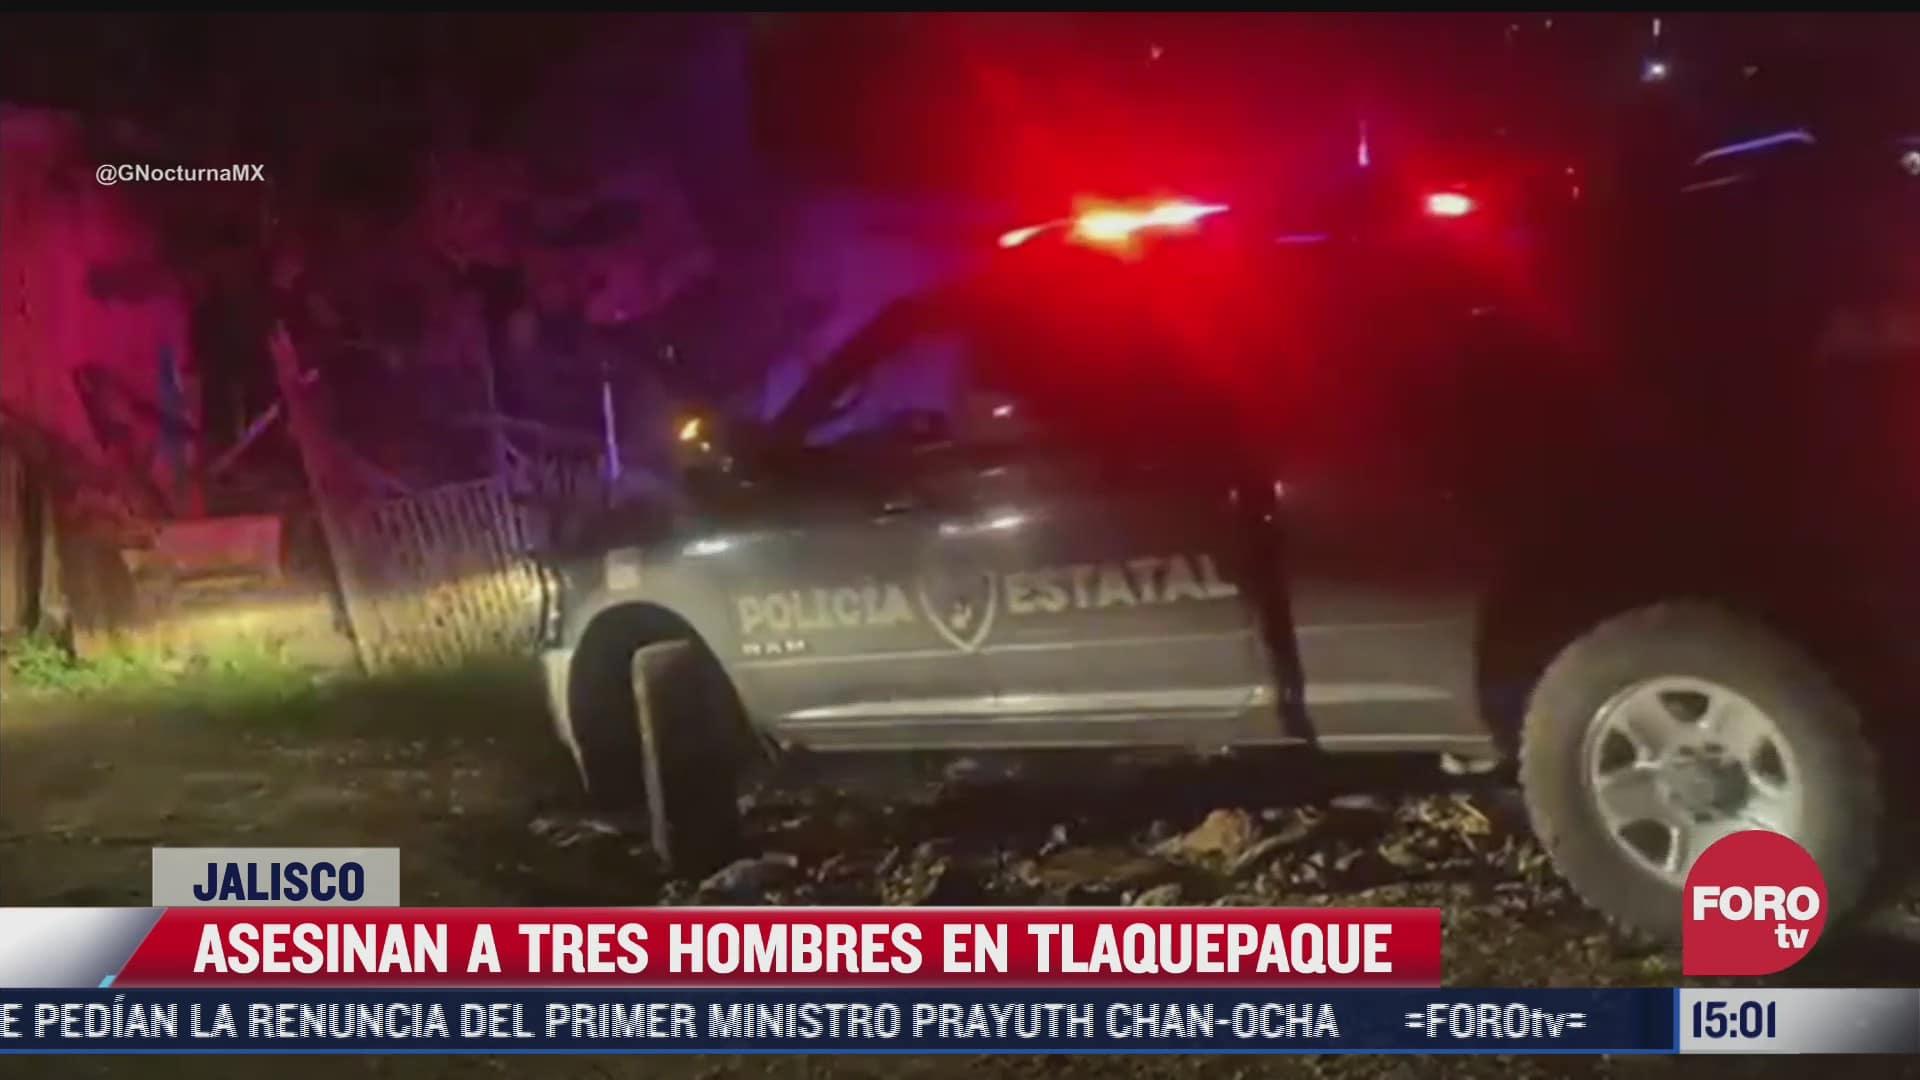 asesinan a tres hombres en tlaquepaque jalisco